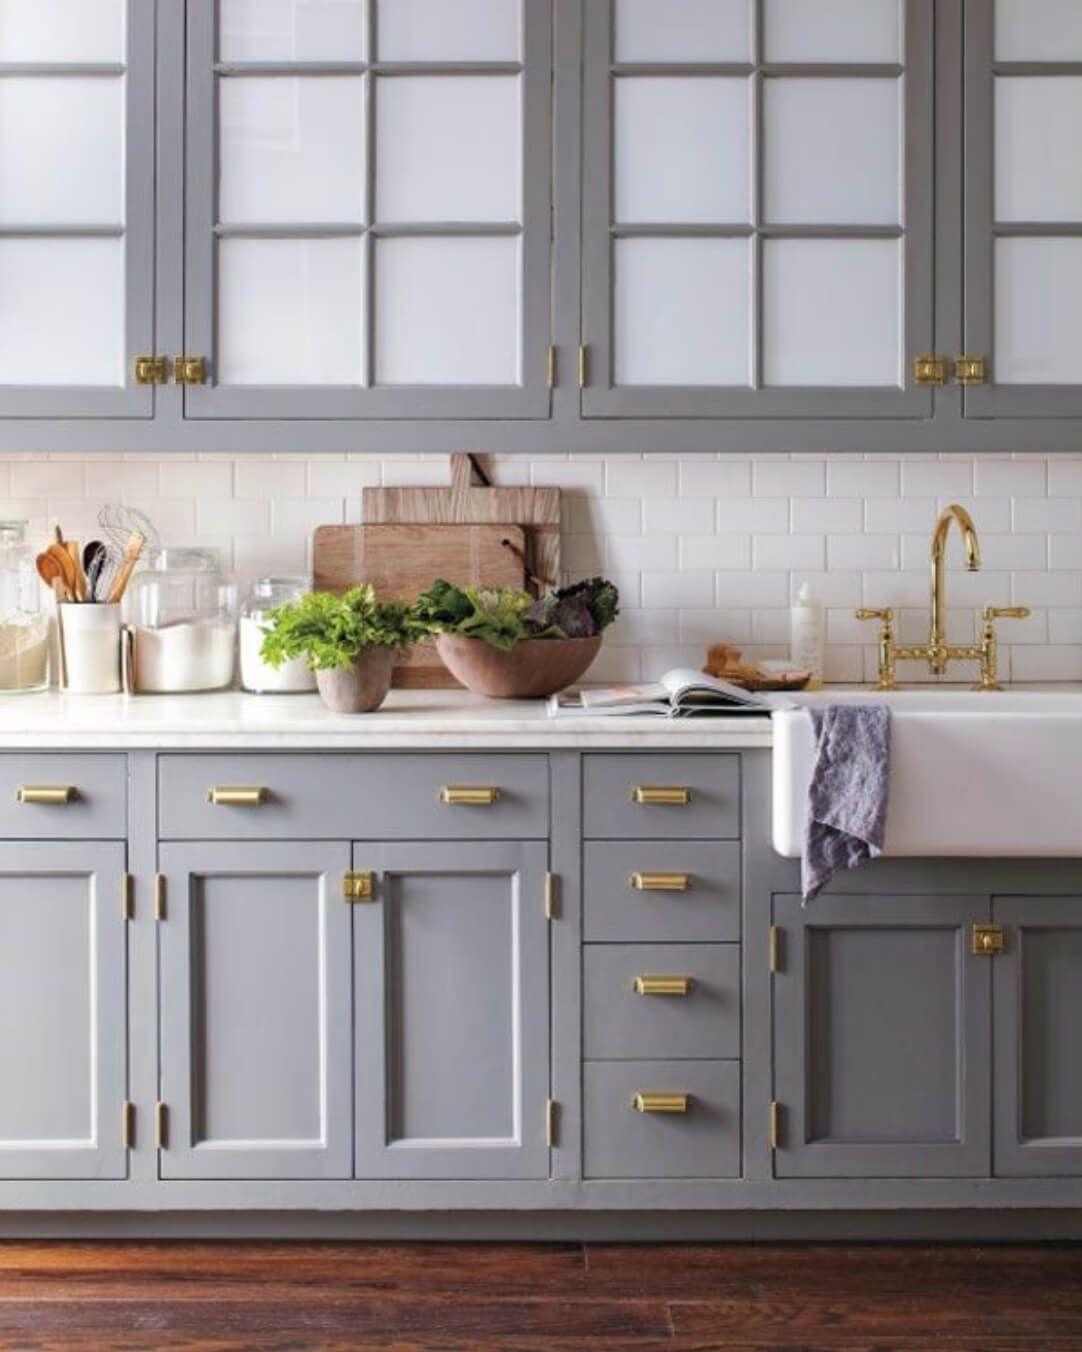 Küchenideen für weiße schränke pin von Ákos vincze auf konyha  pinterest  küchenmöbel graue